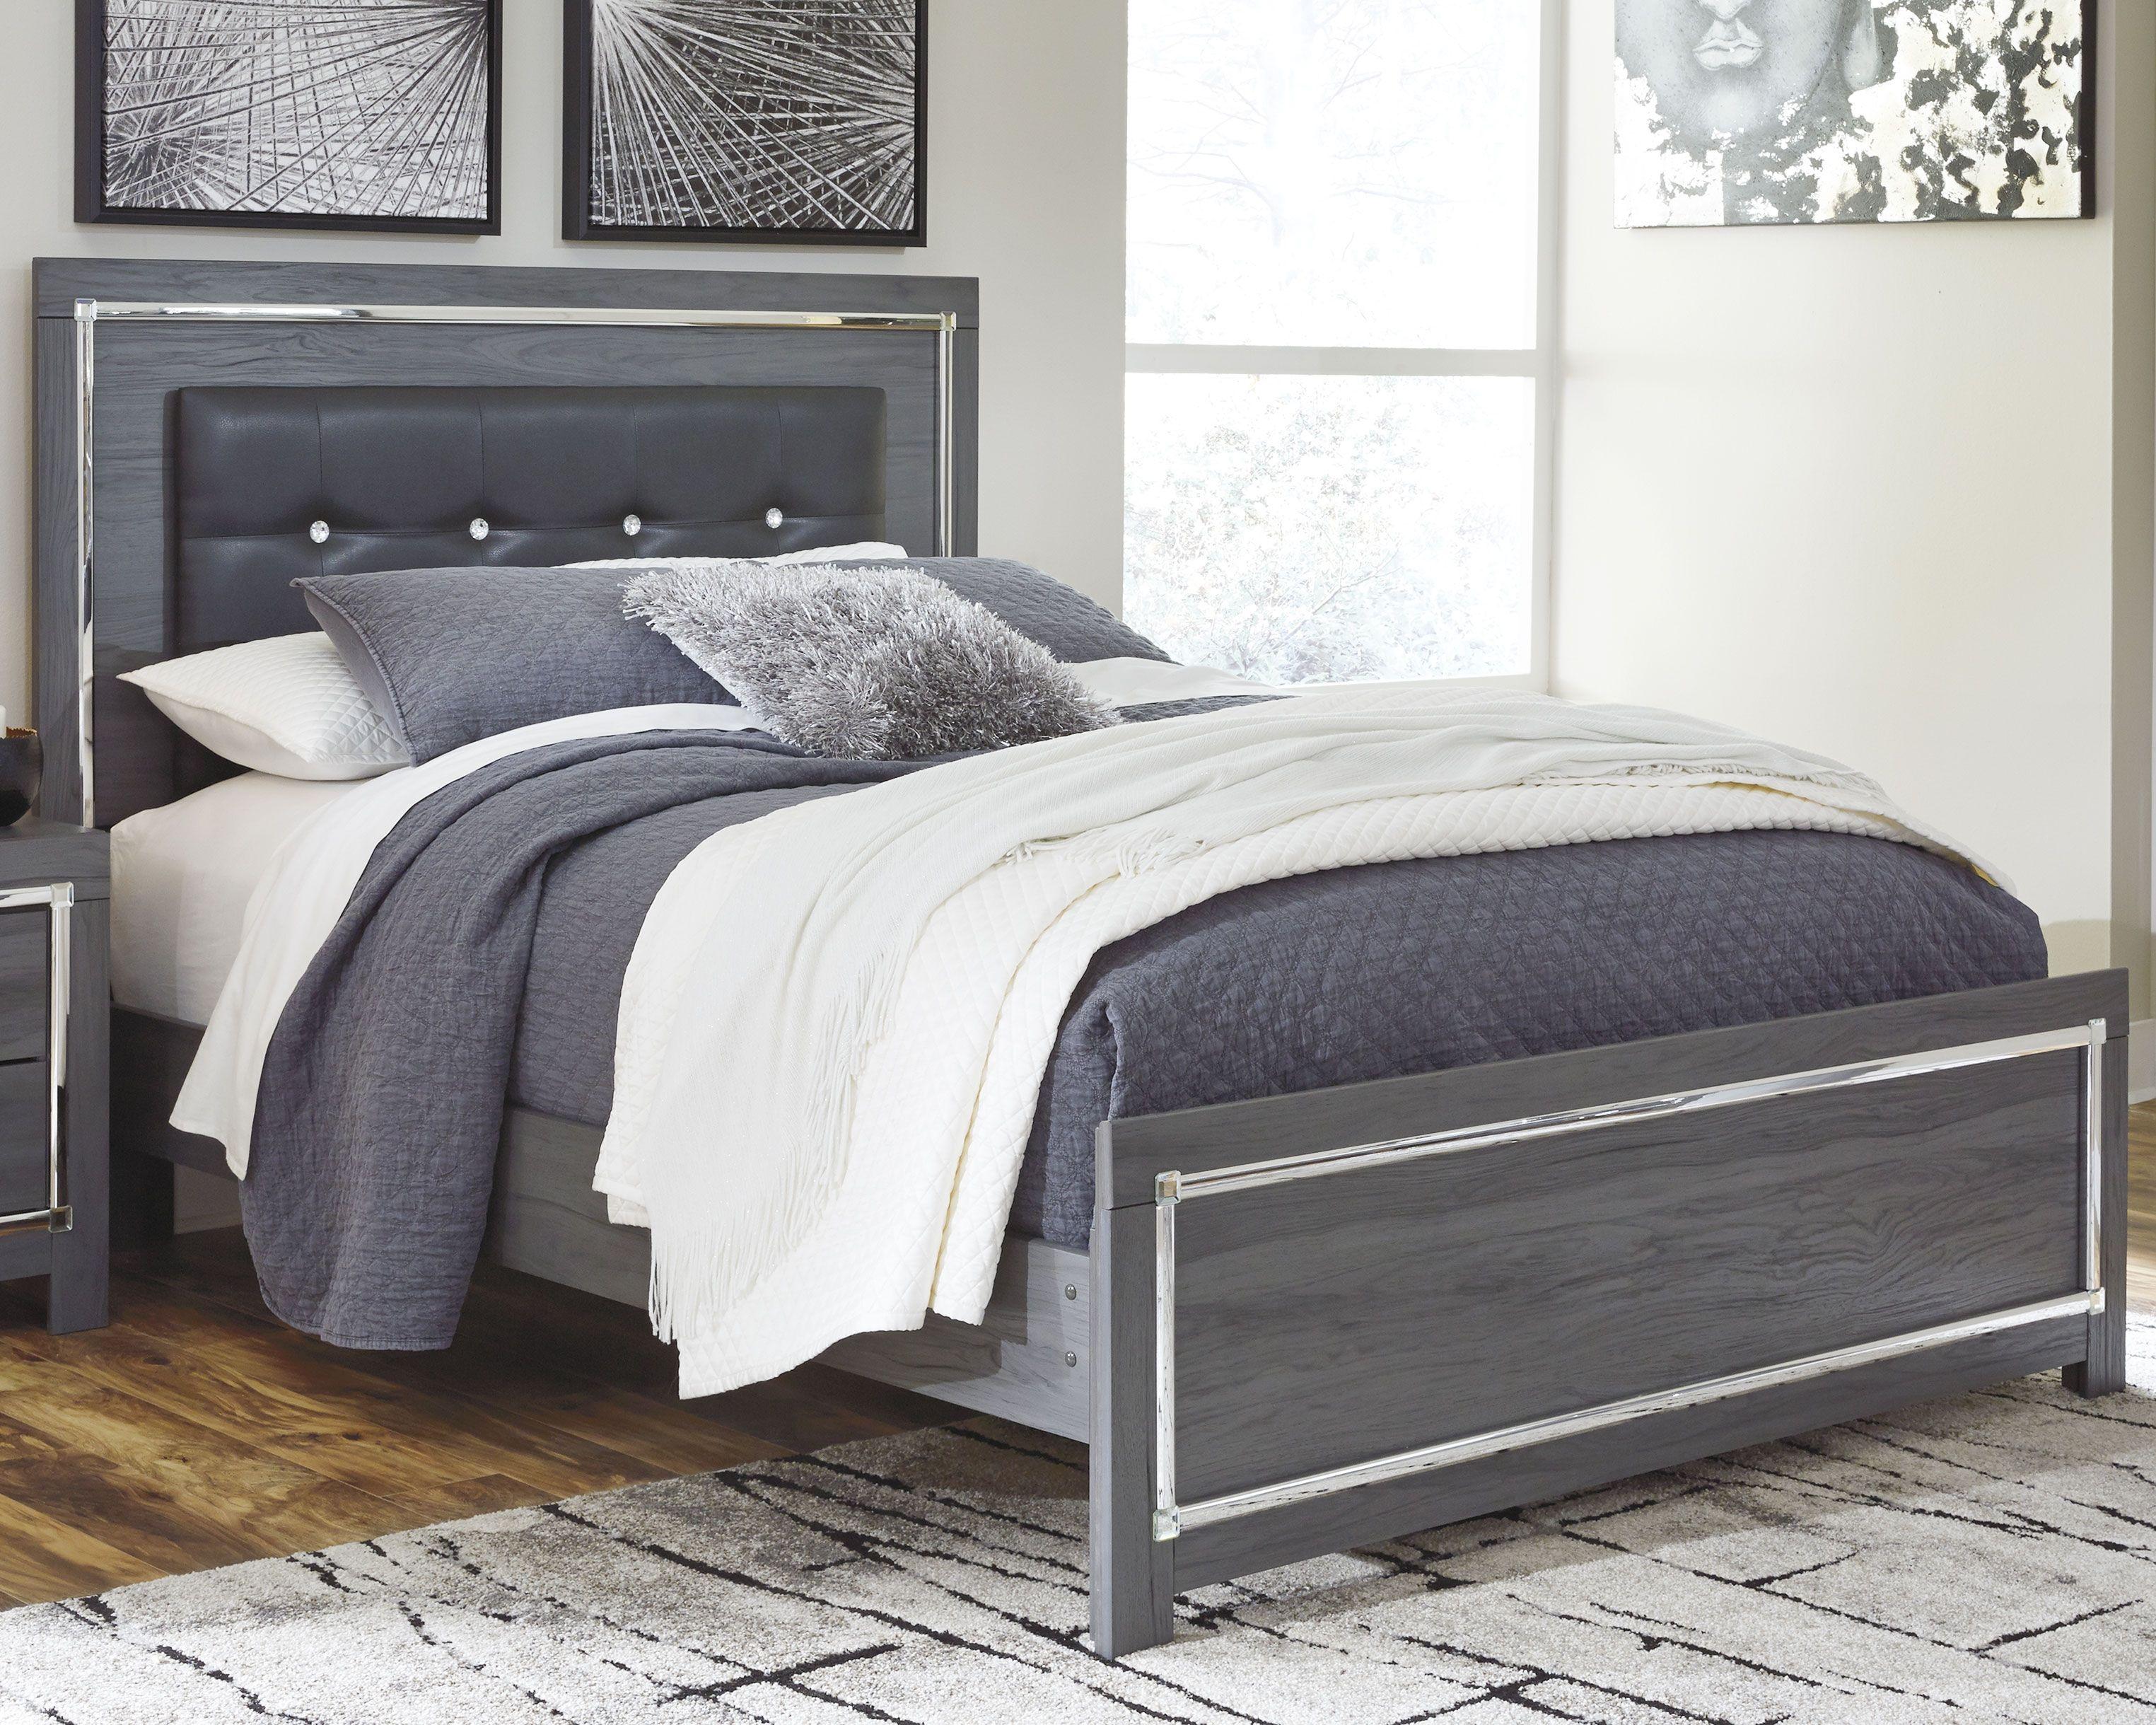 Lodanna Queen Panel Bed Gray In 2020 Panel Headboard Panel Bed